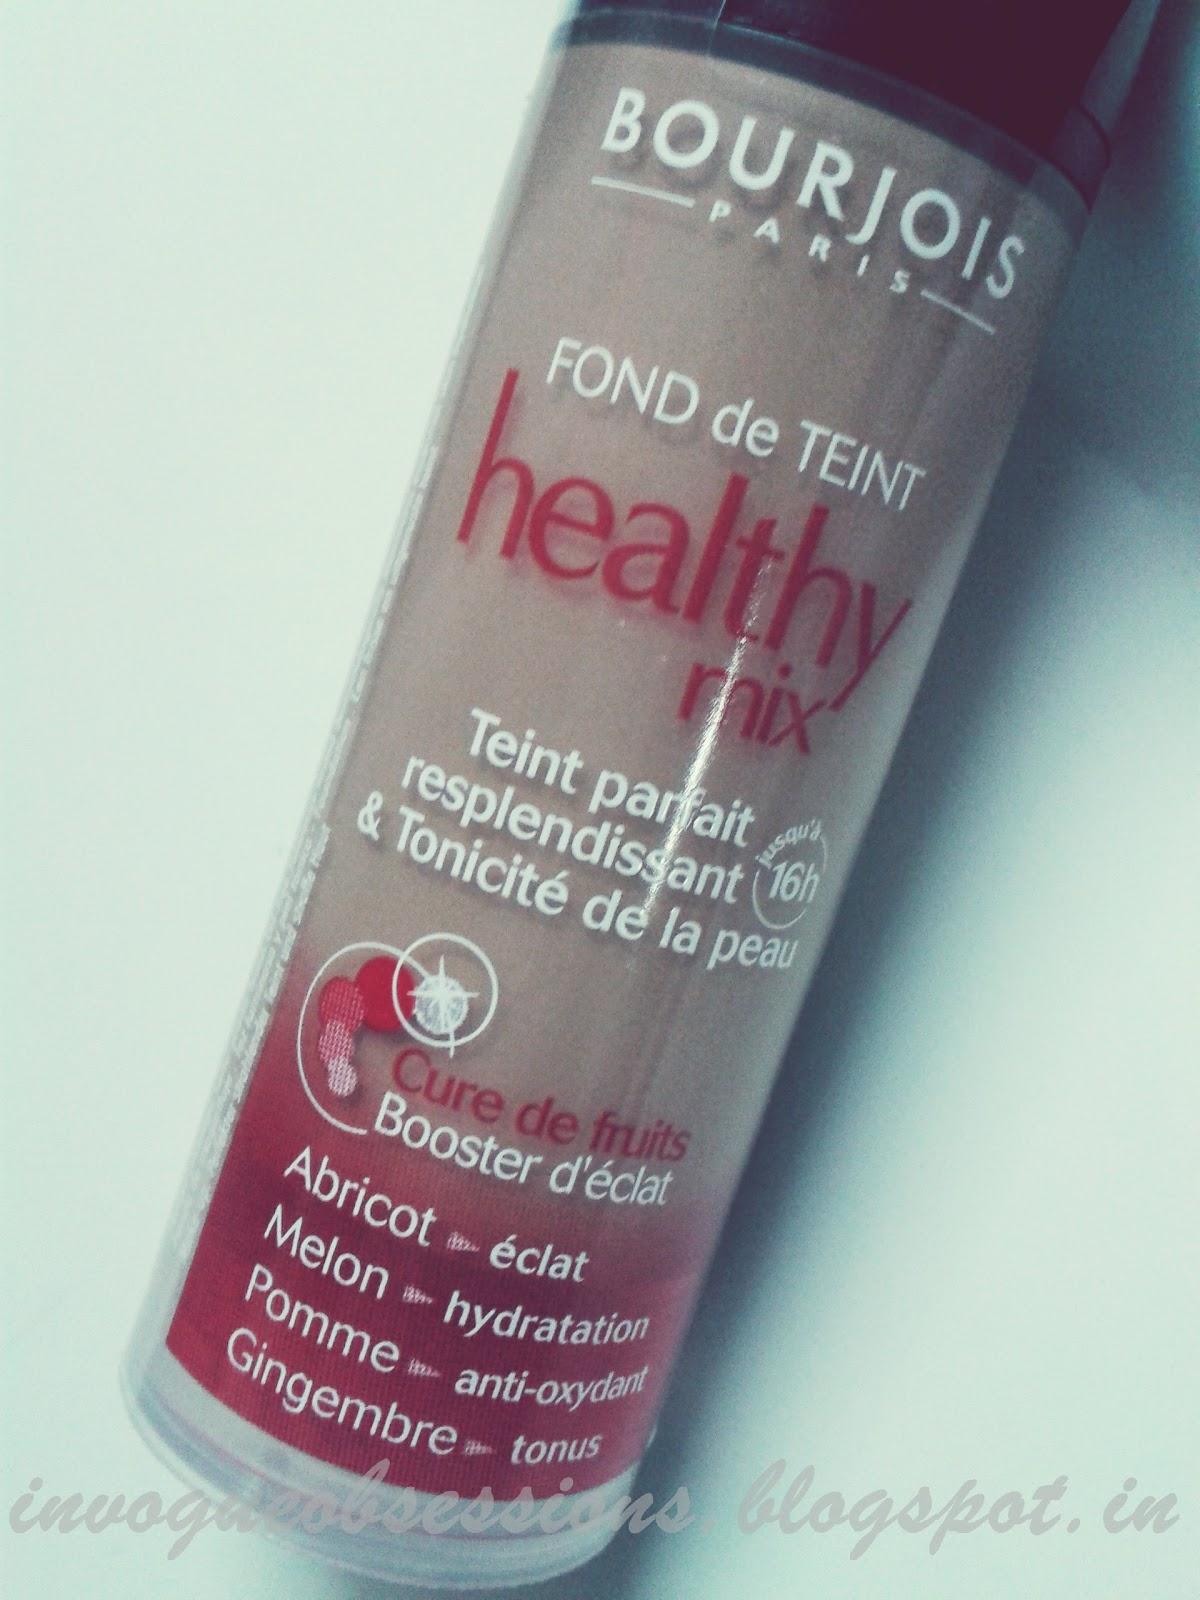 Bourjois Healthy Mix Foundation in 55